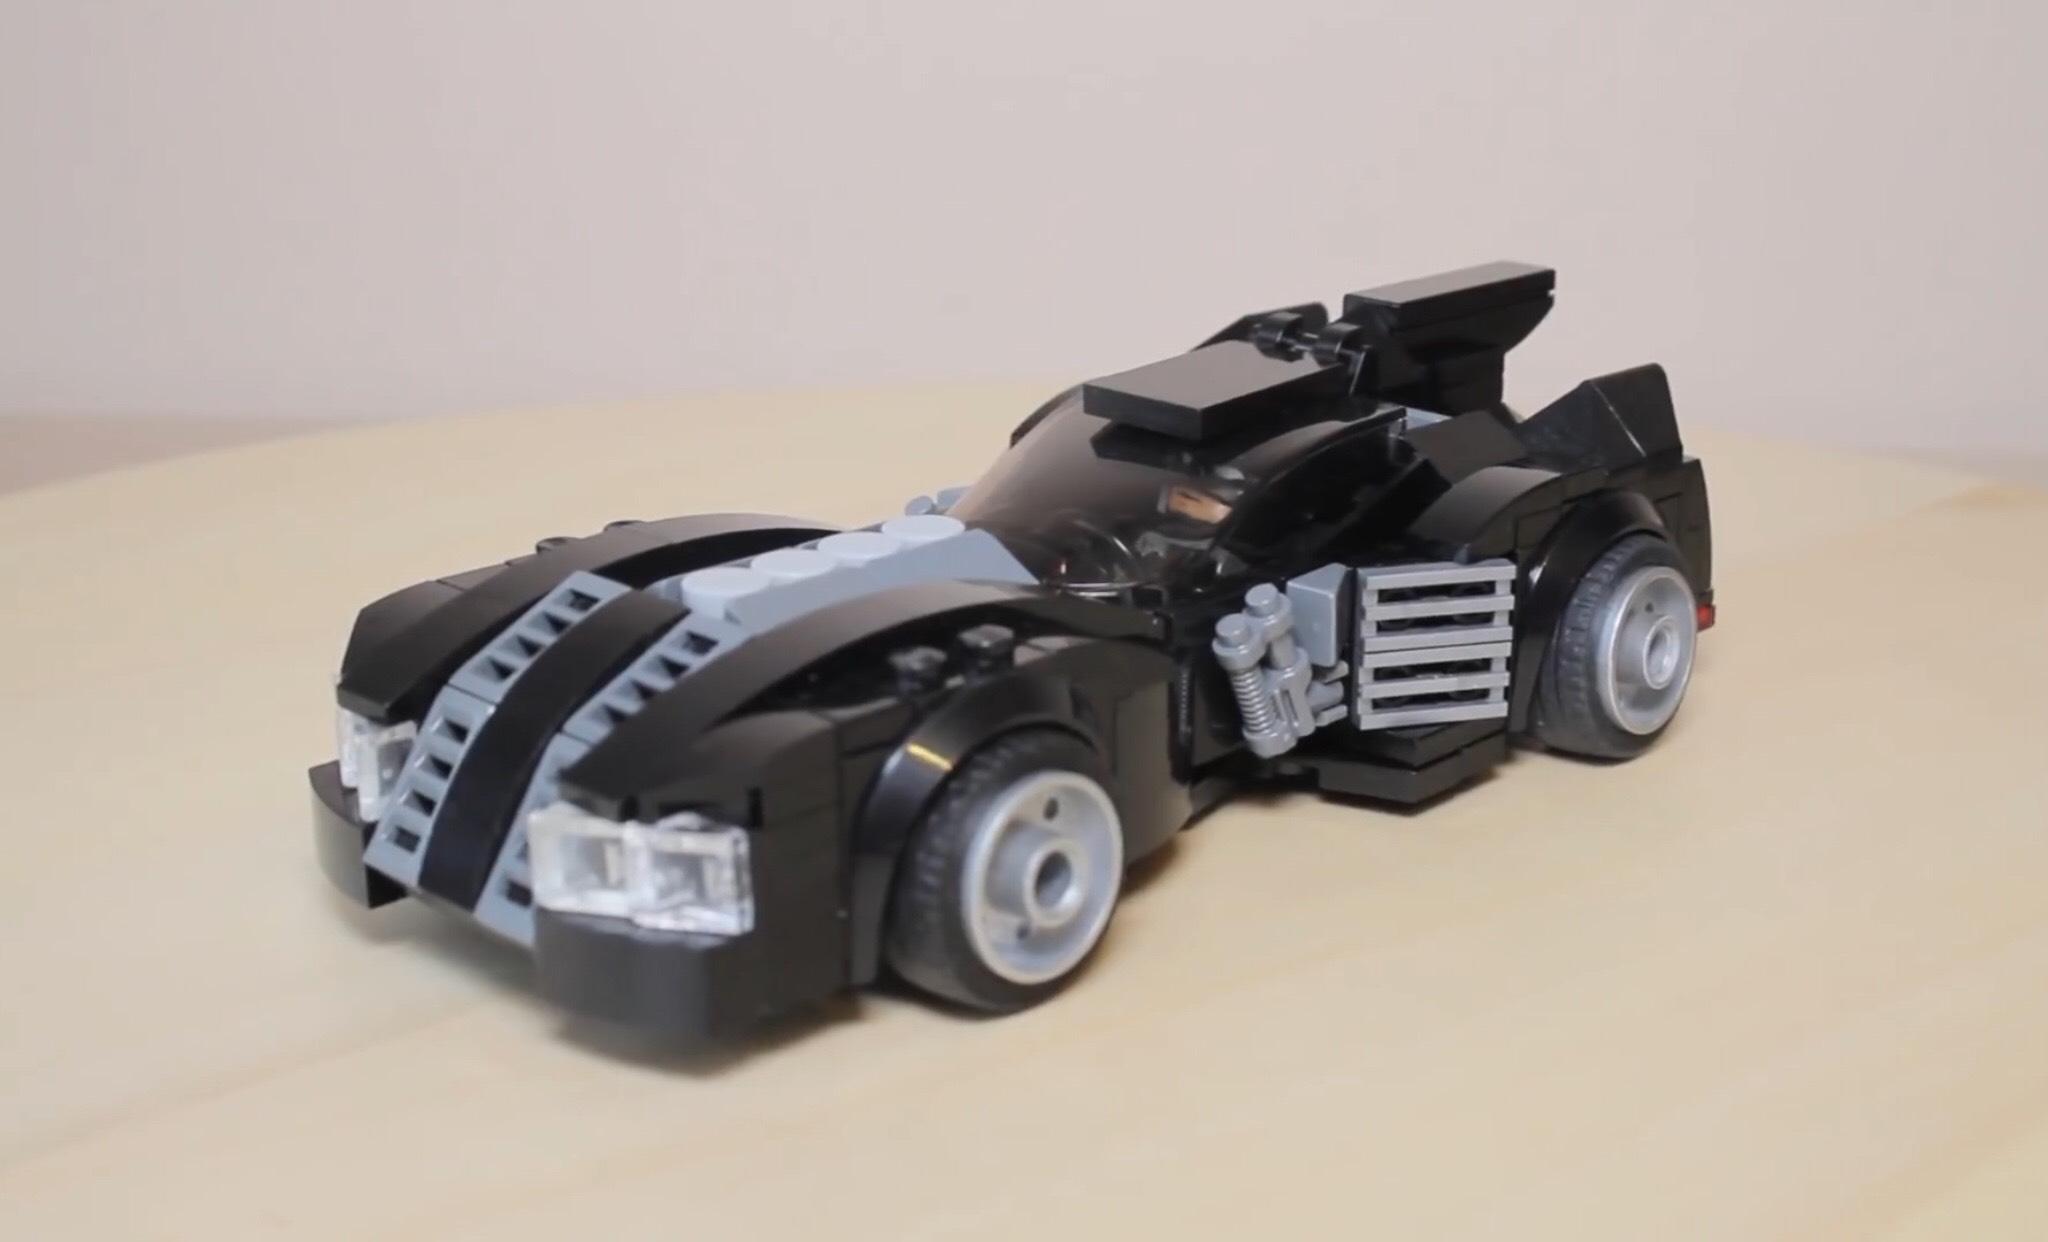 technic-moc-12738-arkham-asylum-batmobile-by-jerrybuildsbricks-moc-brick-land